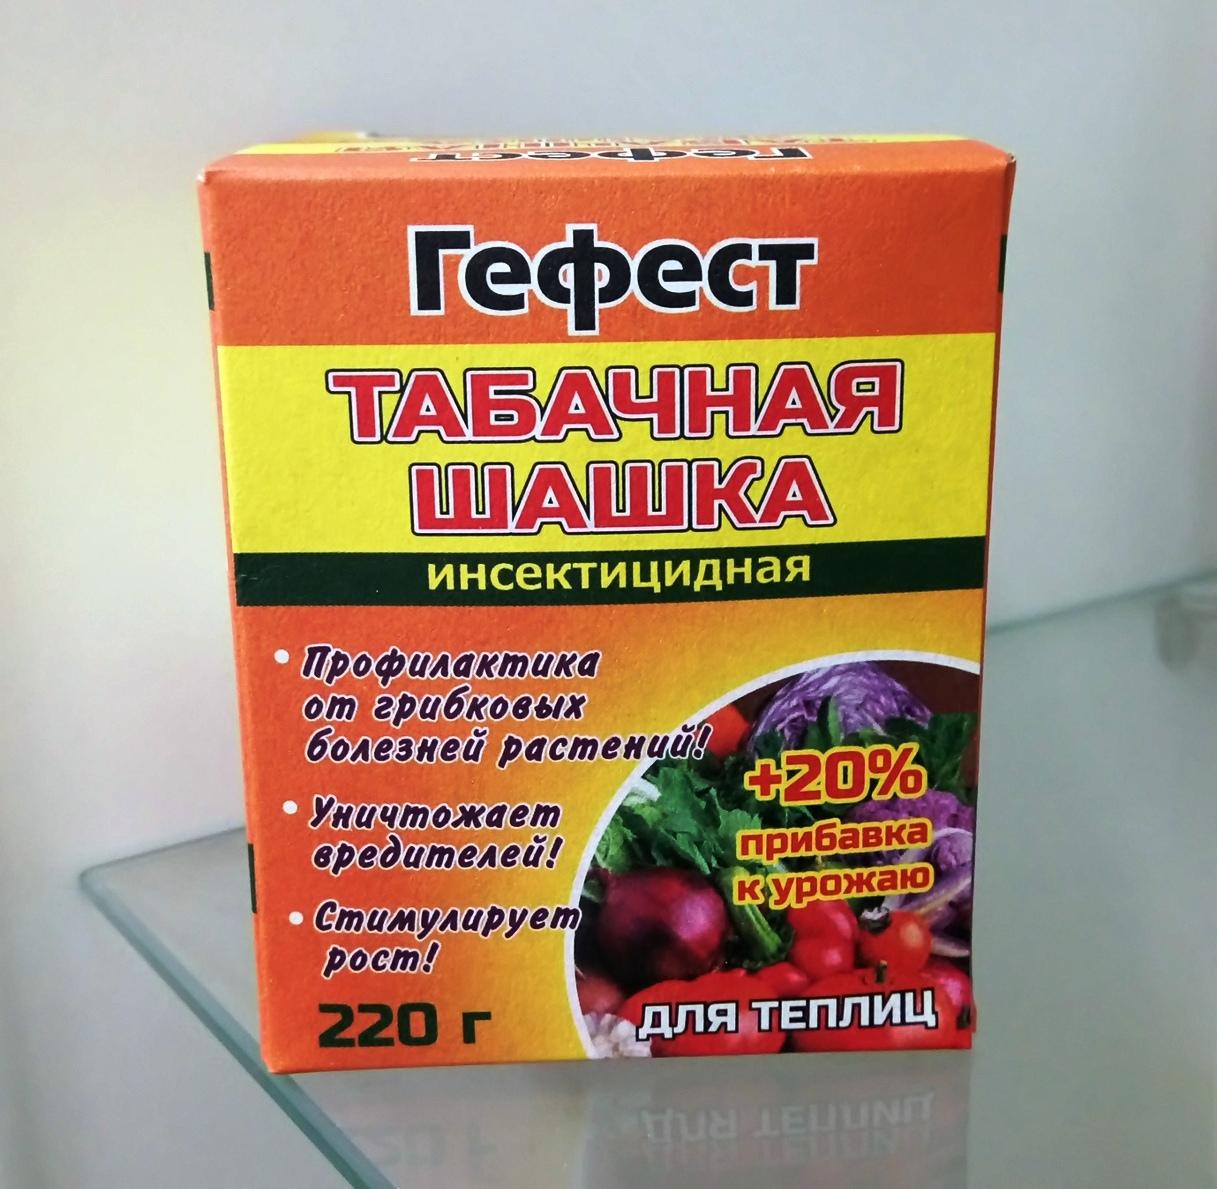 Купить бордюрную ленту в Краснодаре – интернет-магазин Плодородие